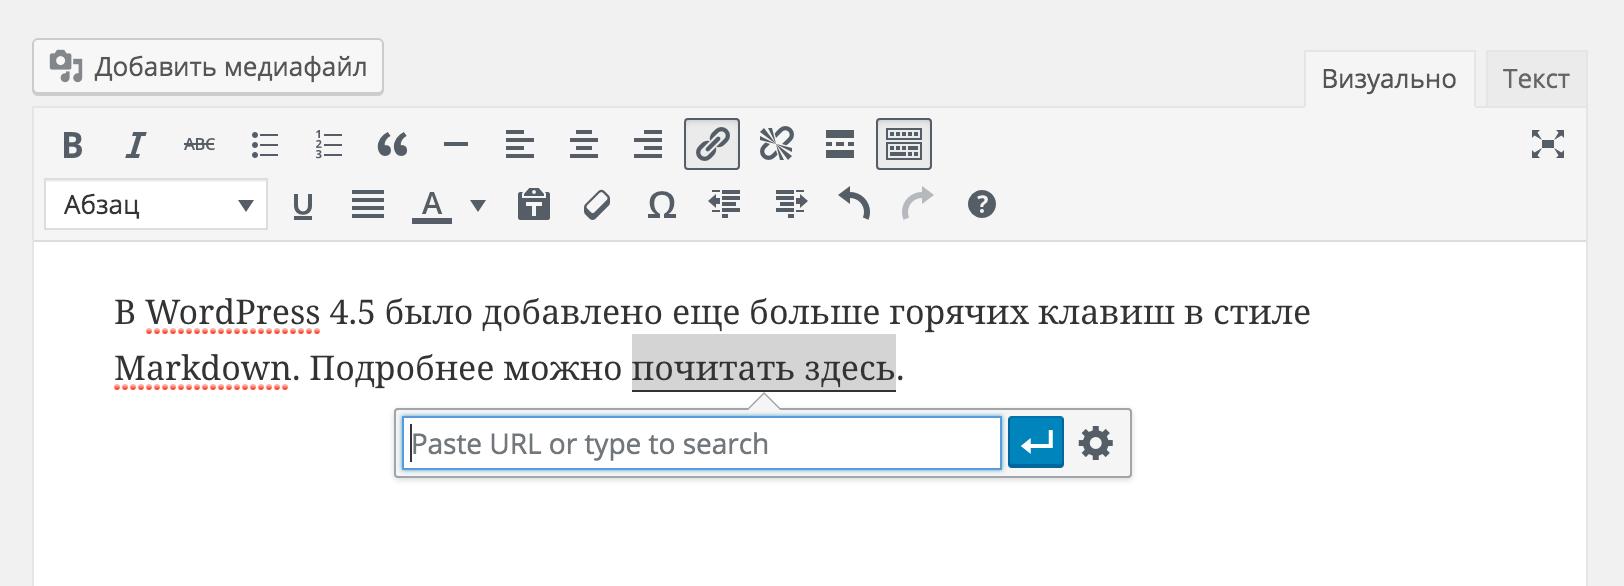 Ссылки в WordPress 4.5